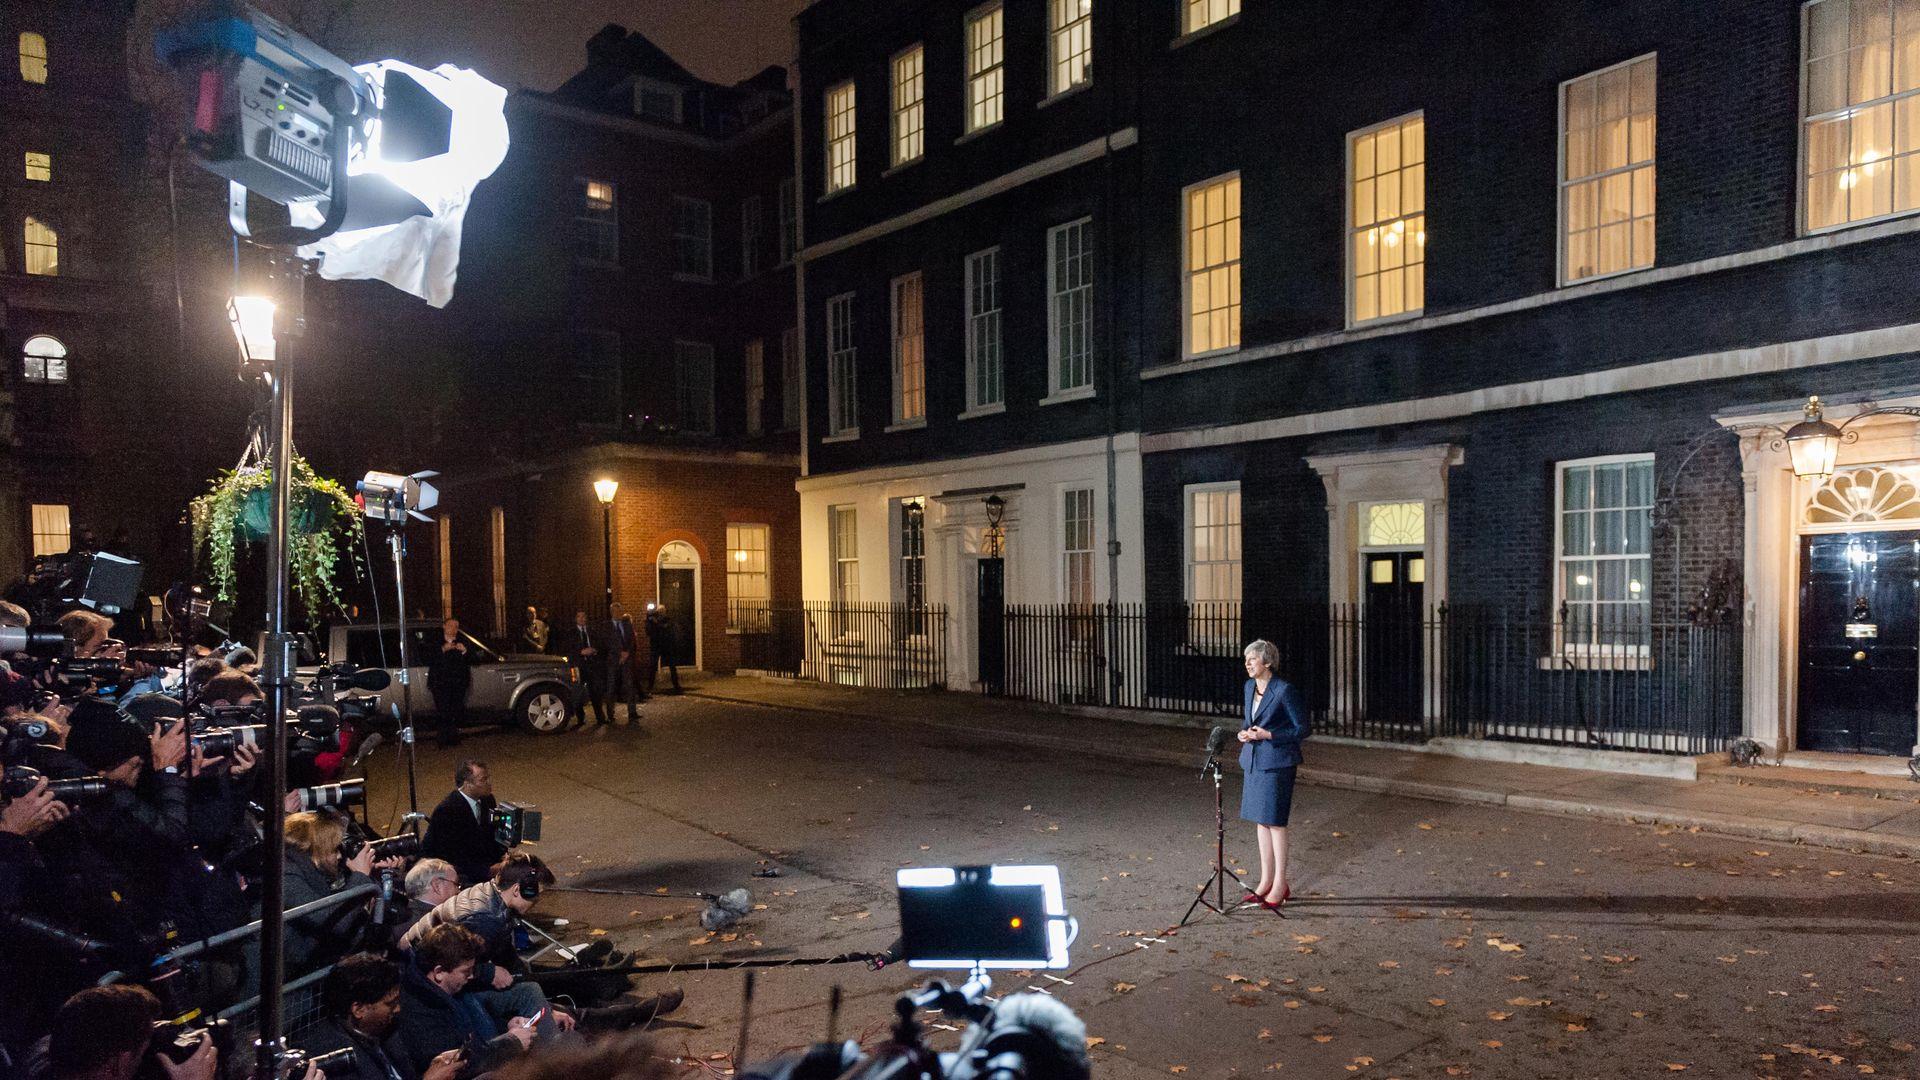 Theresa May at a press conference